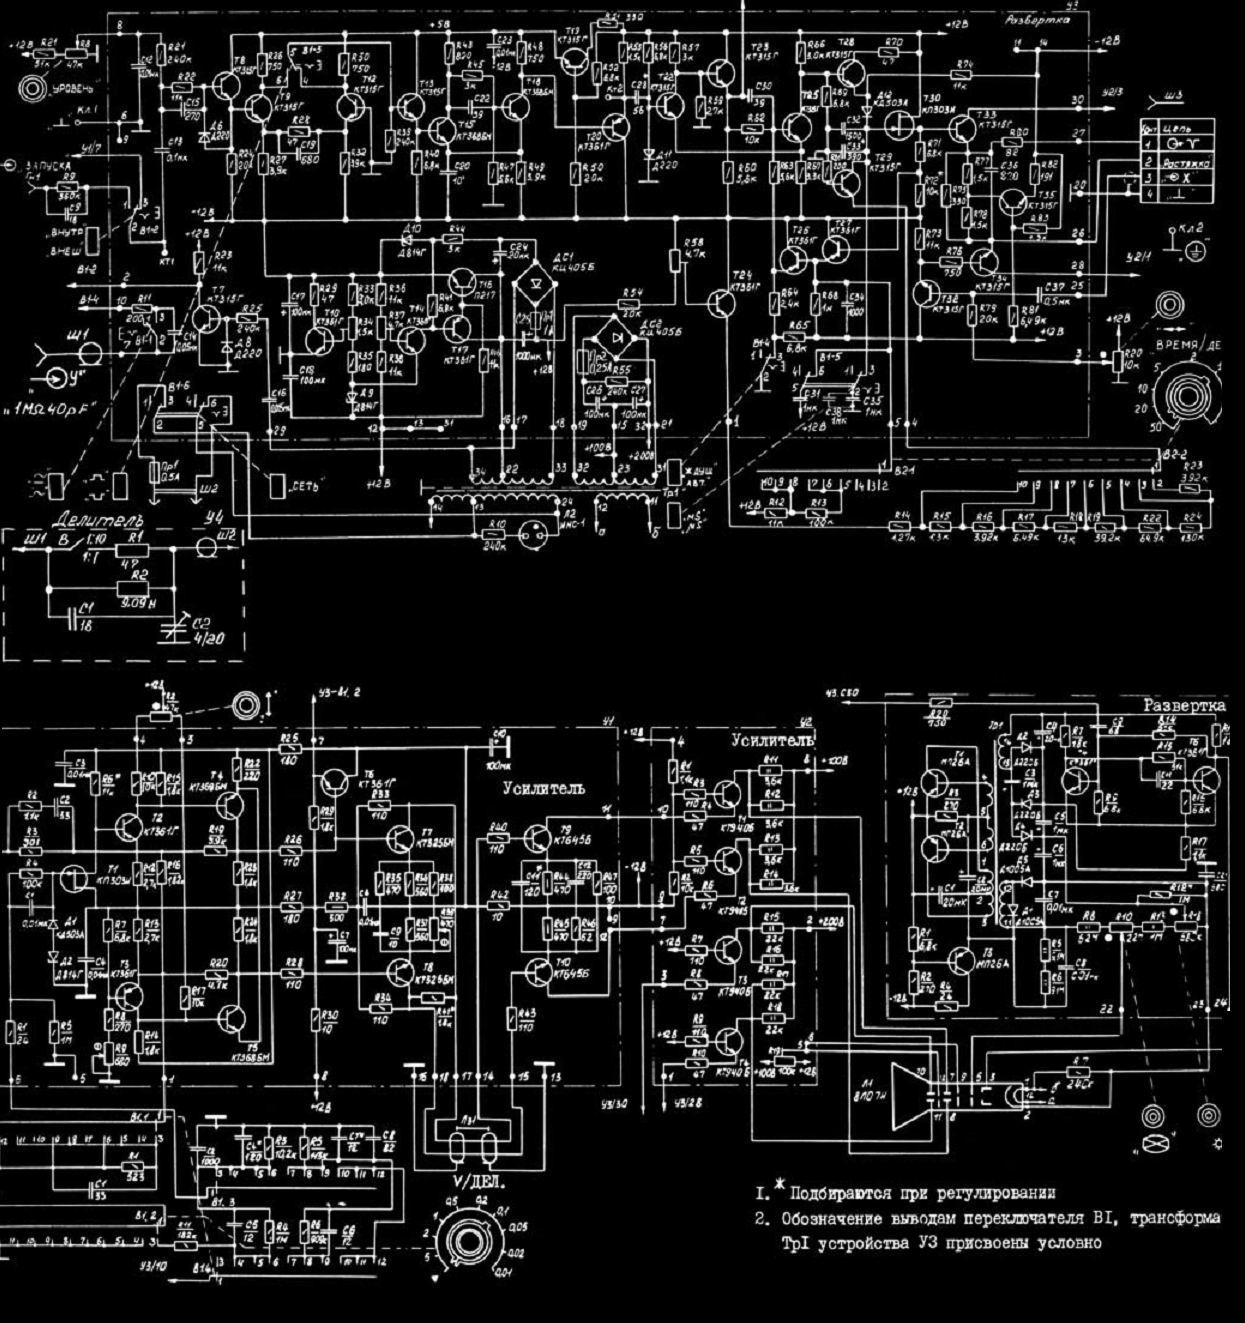 Принципиальная схема осциллографа С1-94